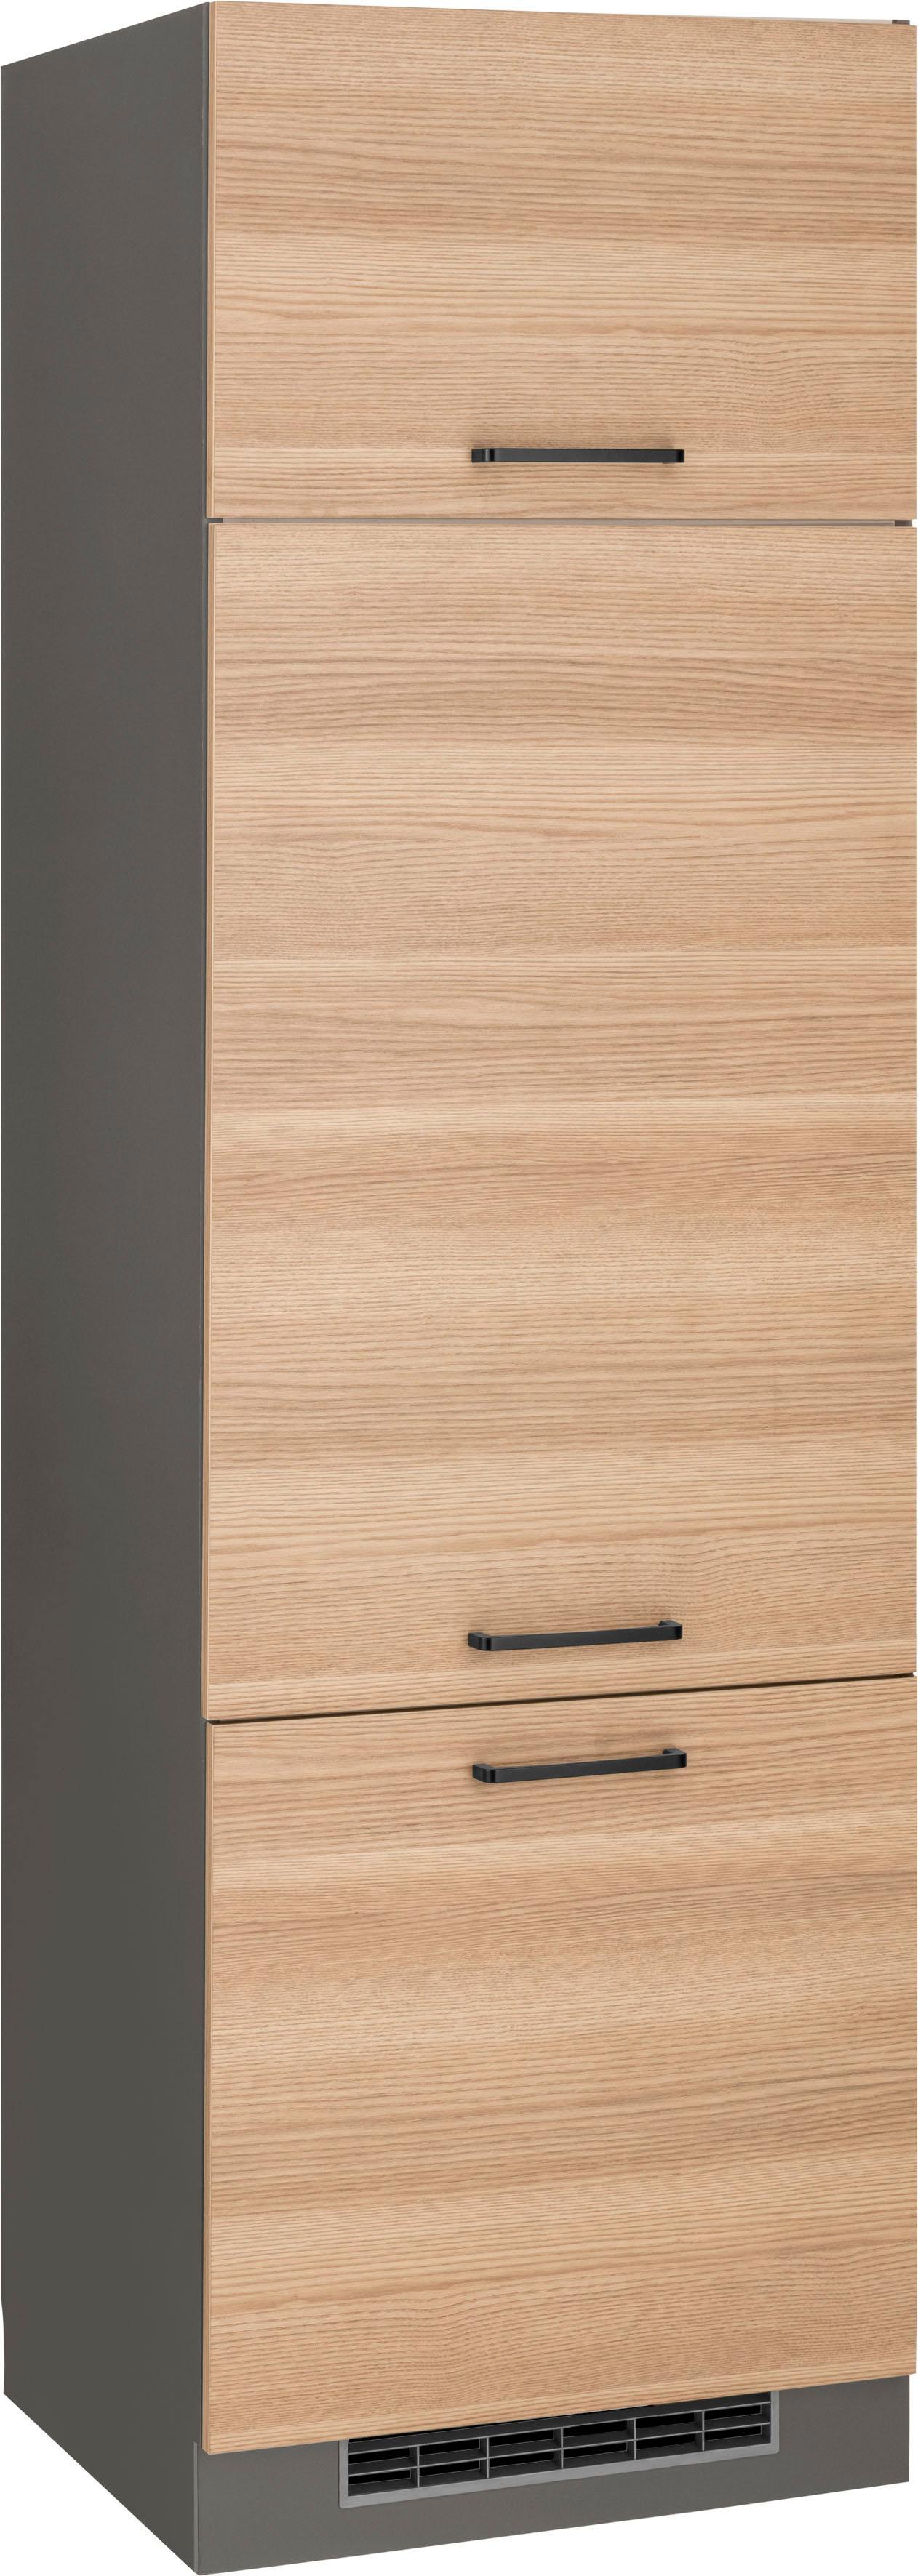 wiho Küchen Kühlumbauschrank Esbo, 60 cm breit günstig online kaufen